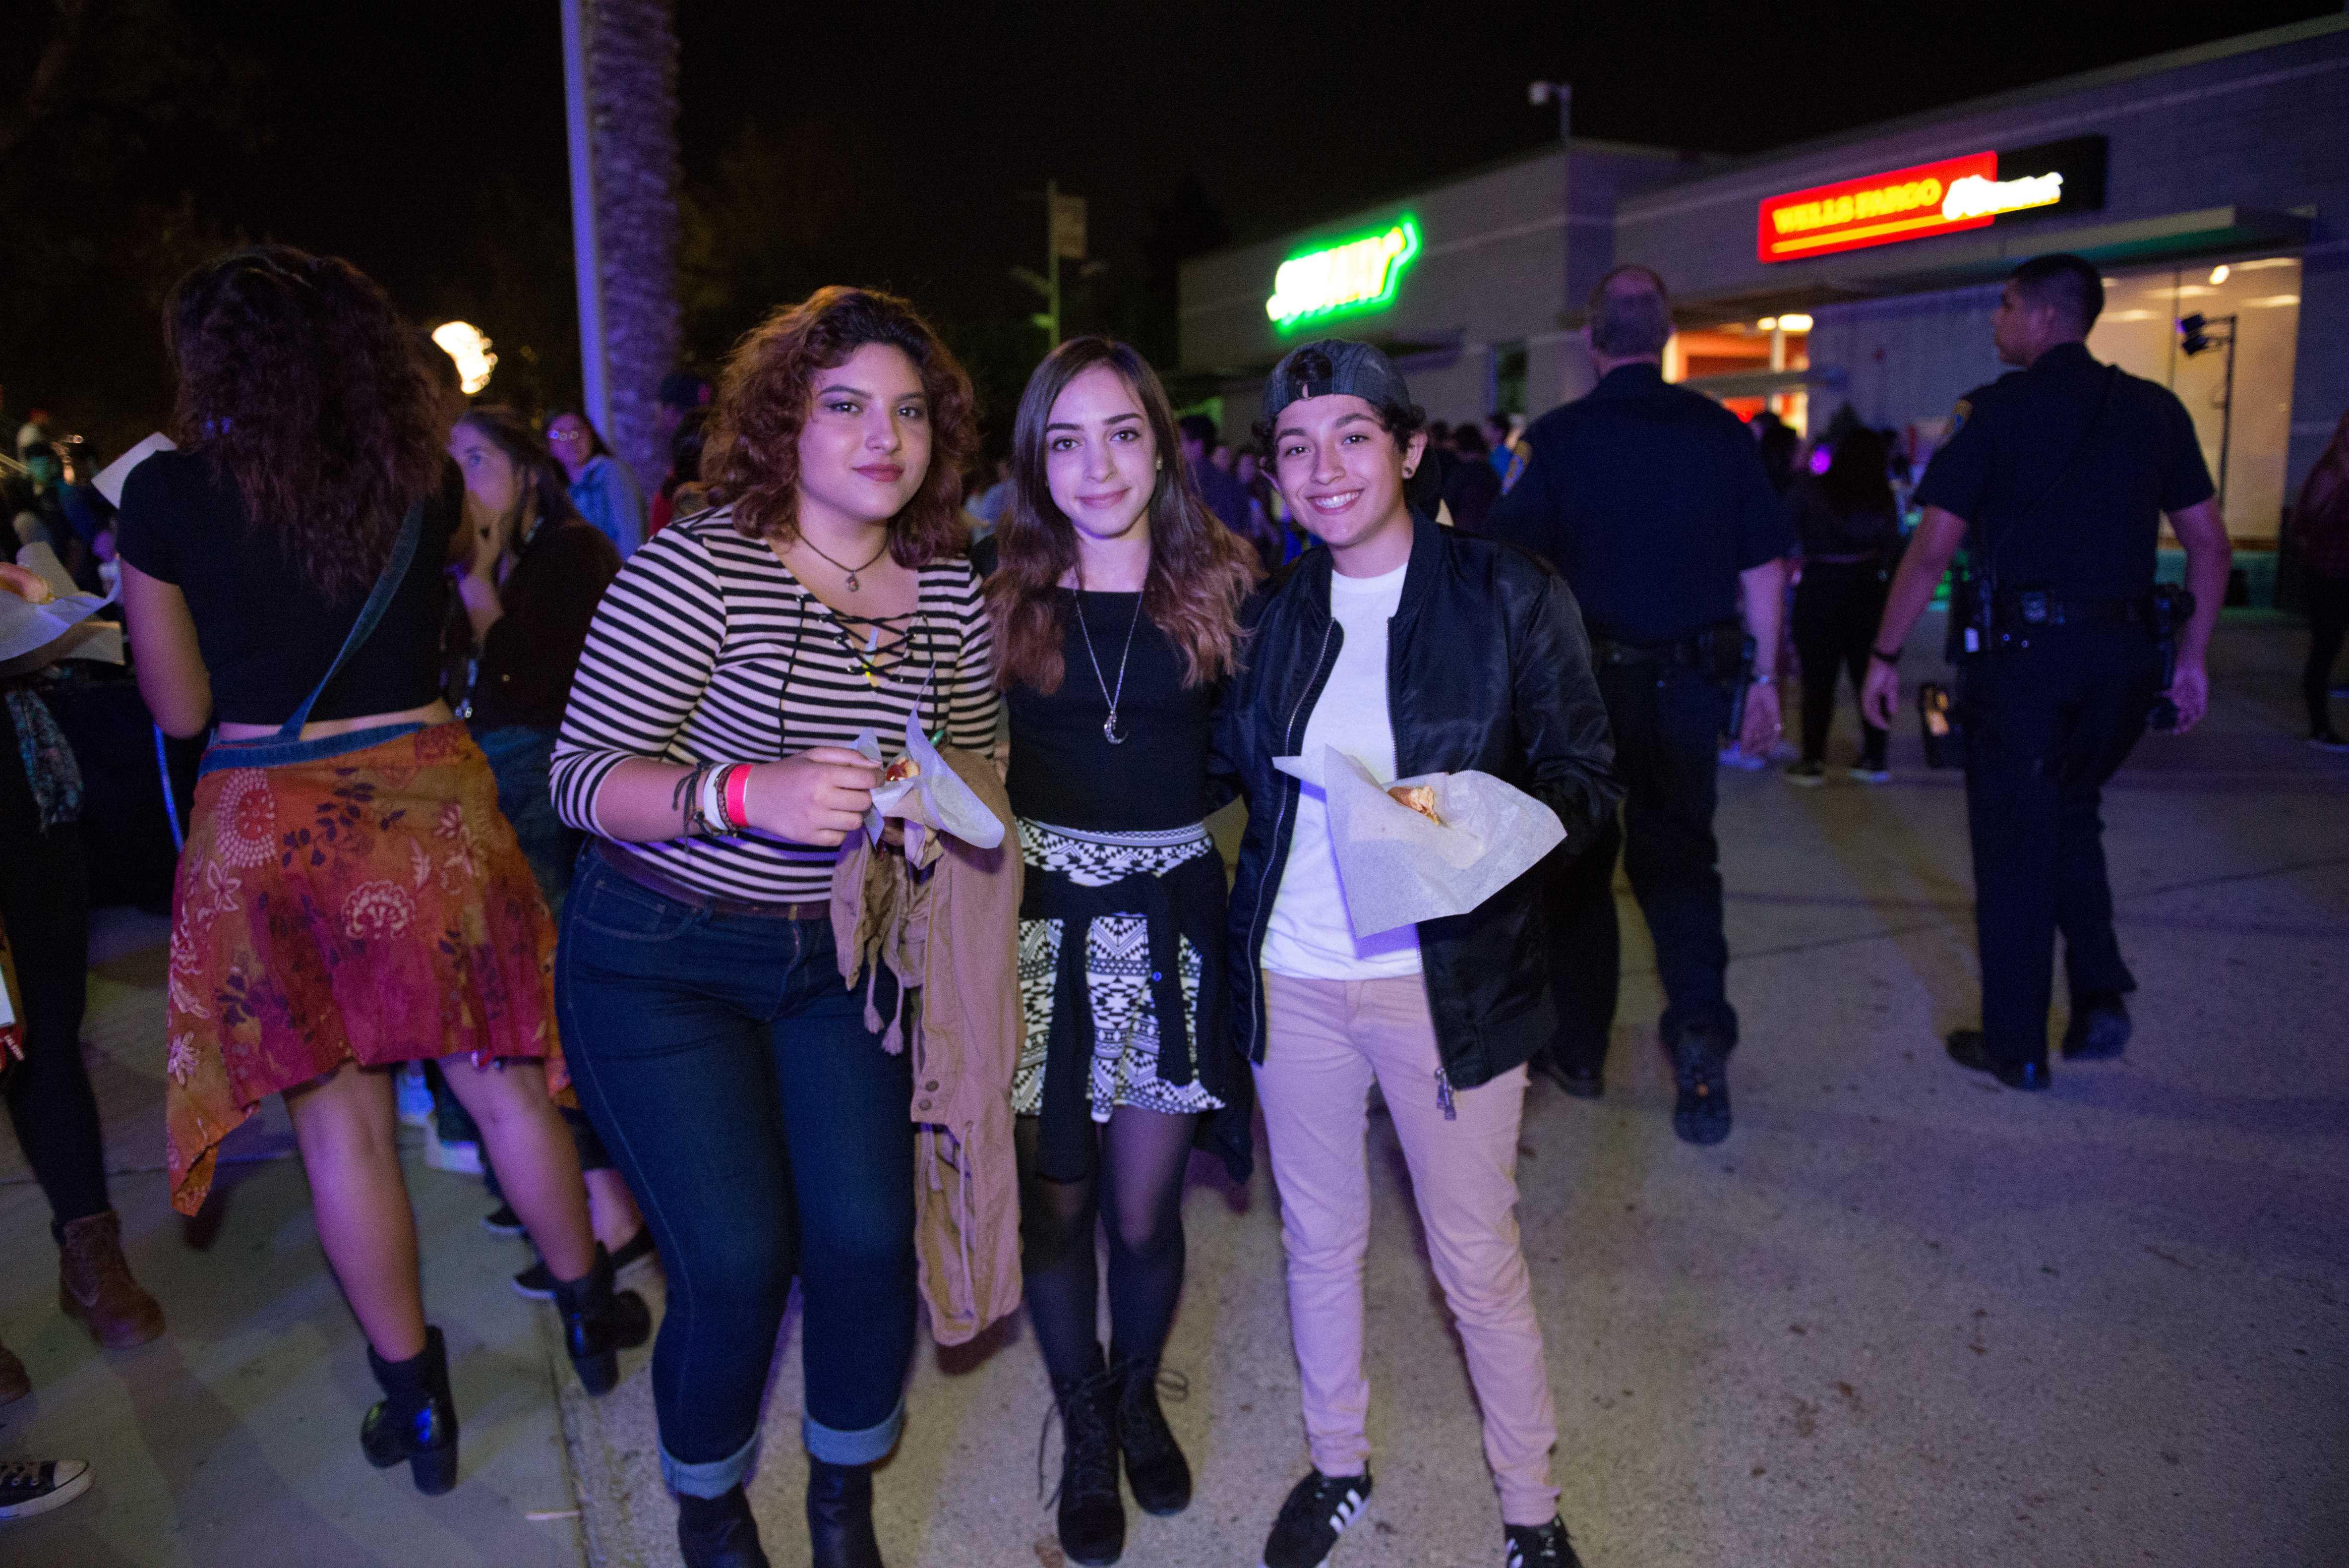 3 students pictured at matador nights